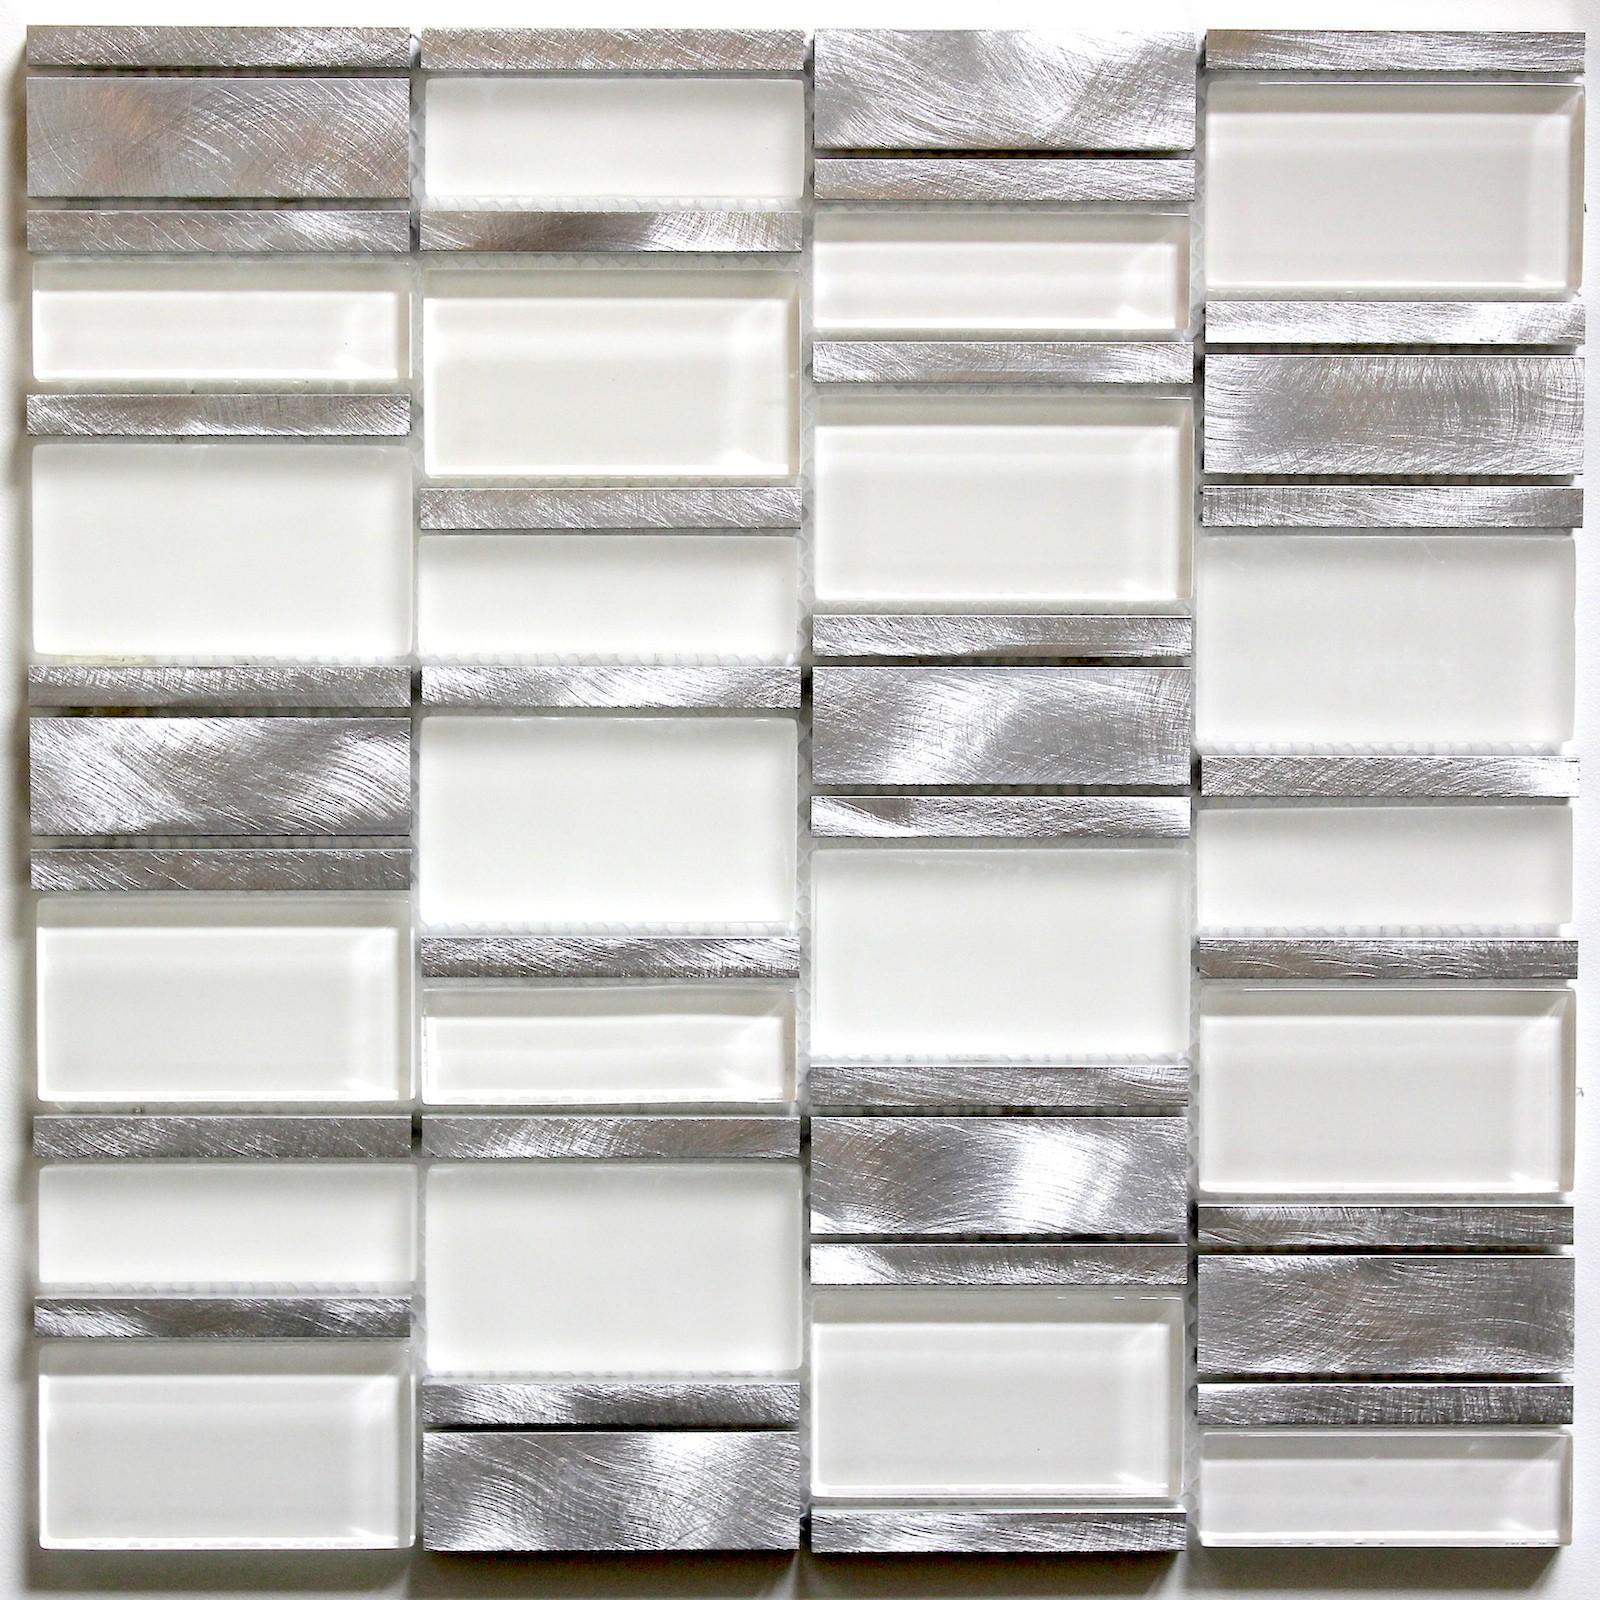 Dalle Mosaique Aluminium Et Verre Carrelage Cuisine Cr Dence Ceti